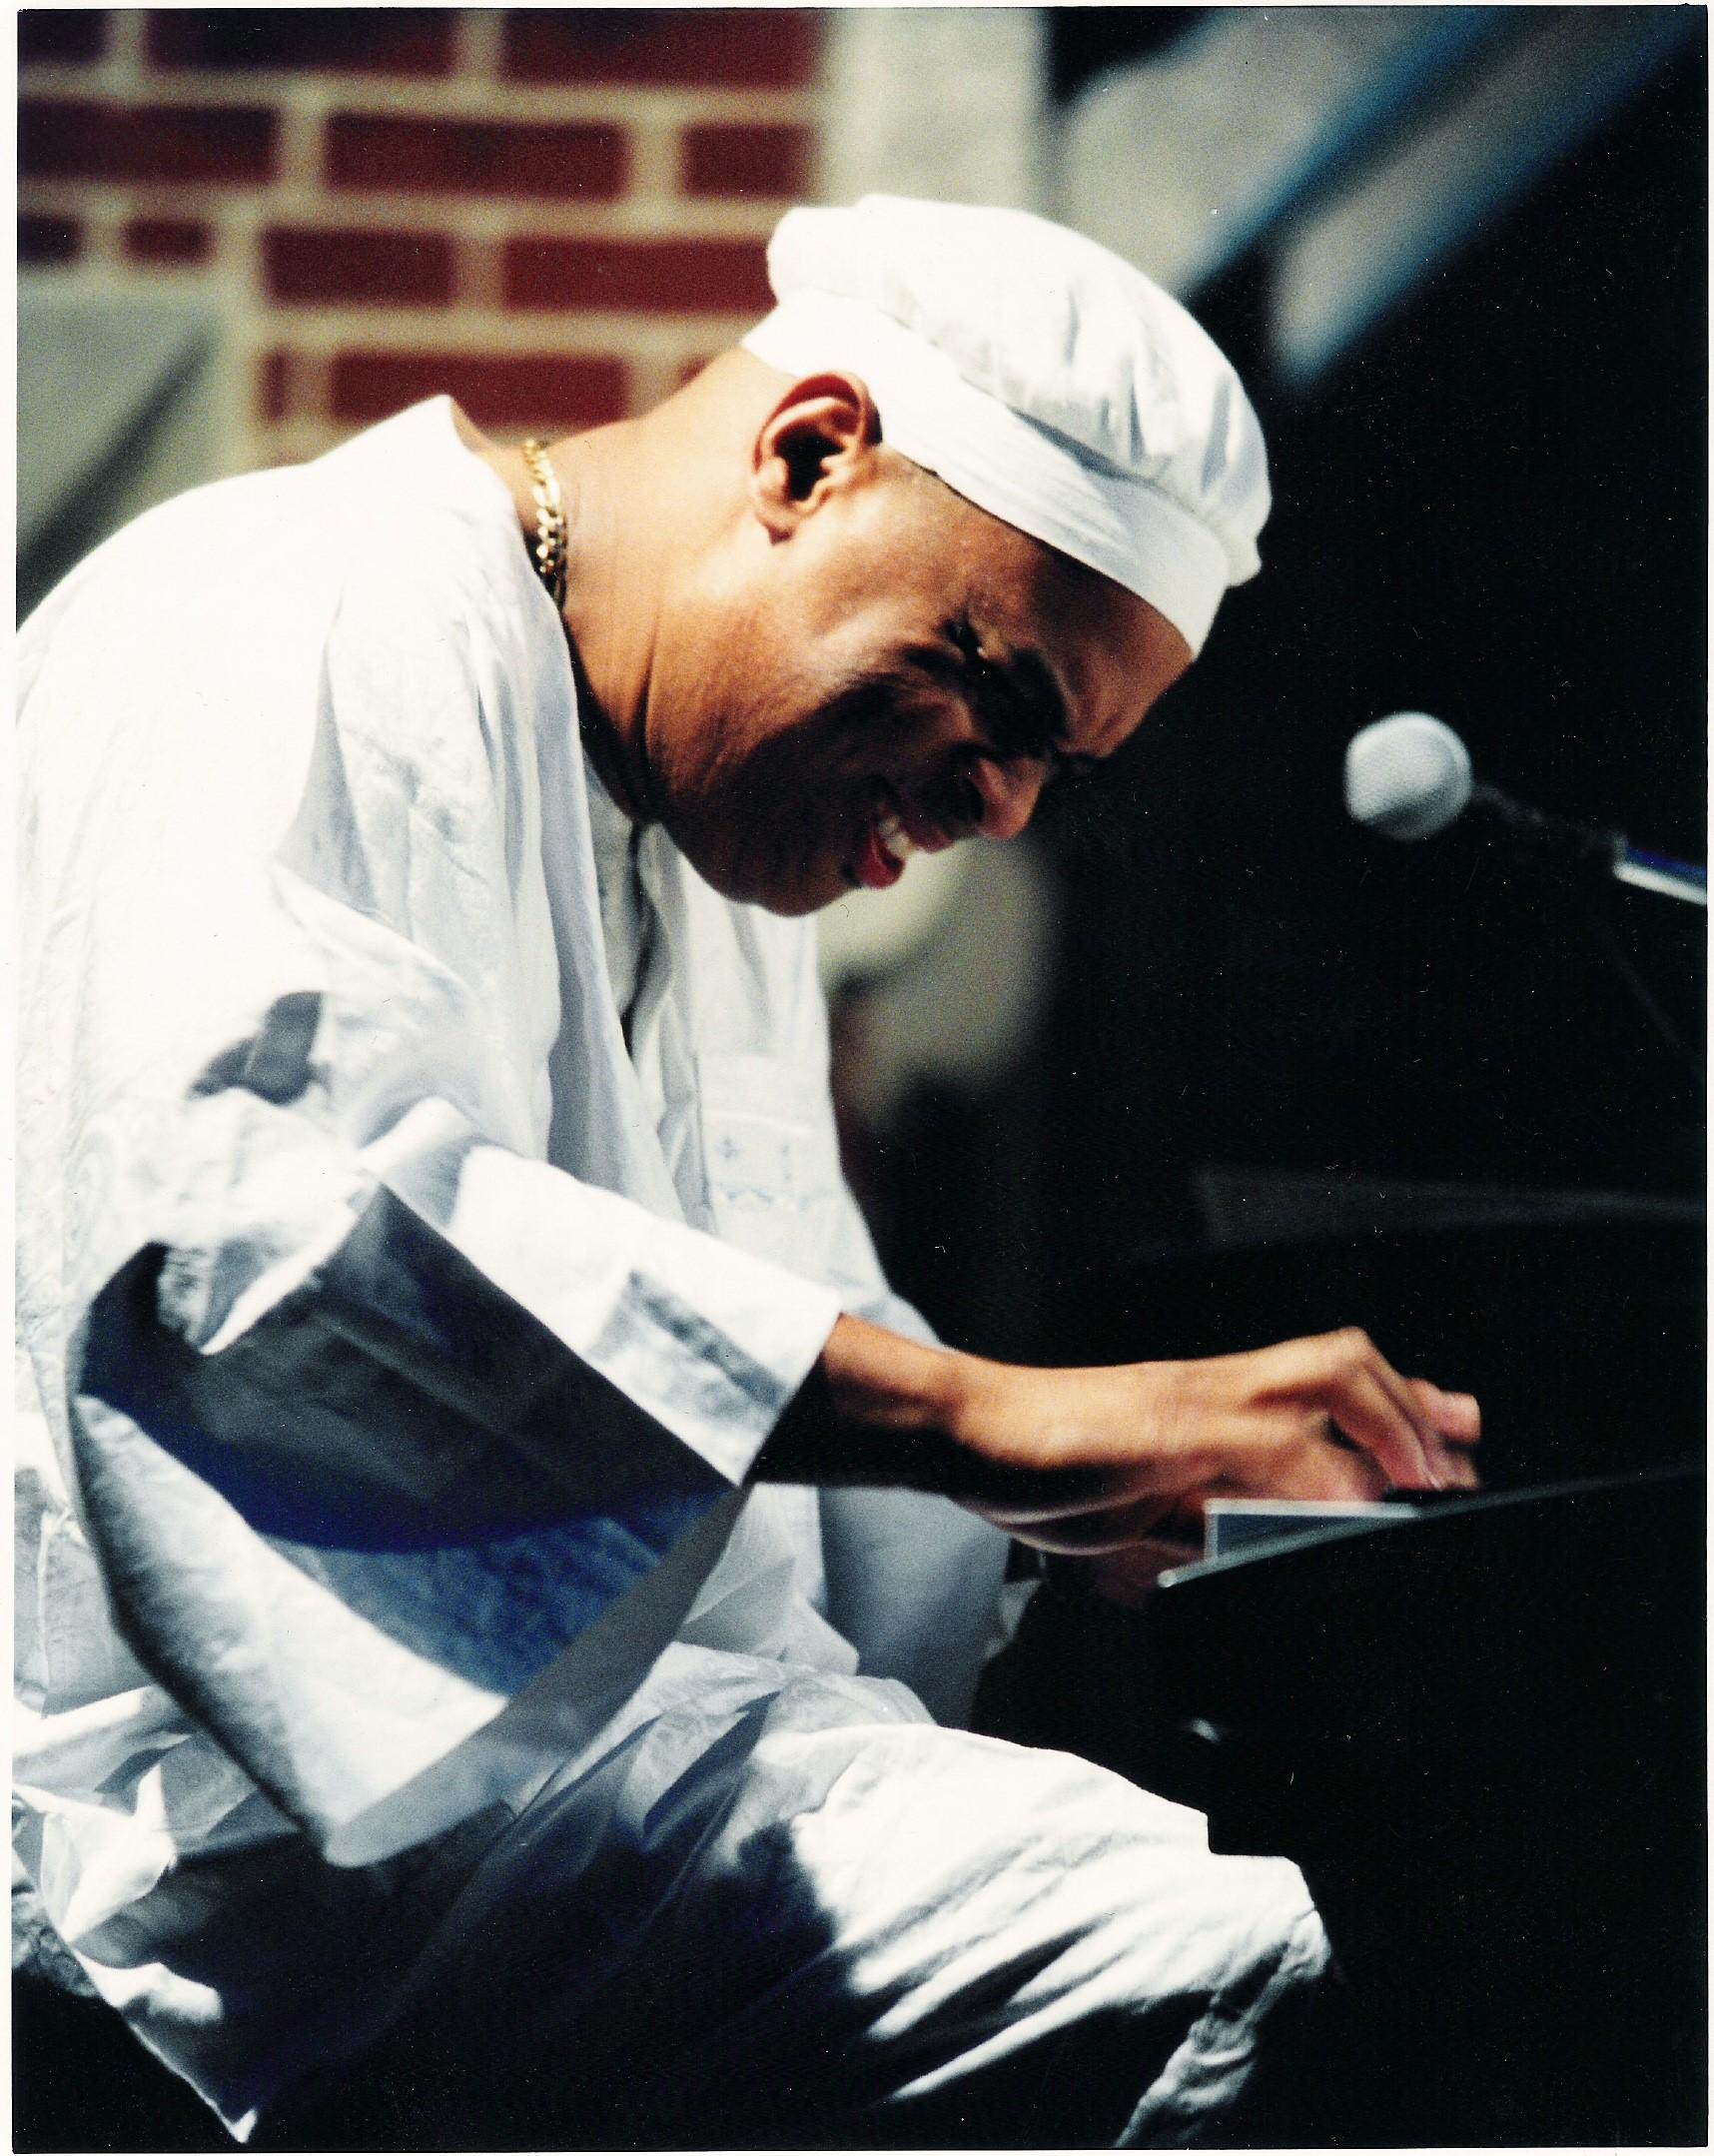 Chuchito Valdes - 88 Keys Of Latin Jazz